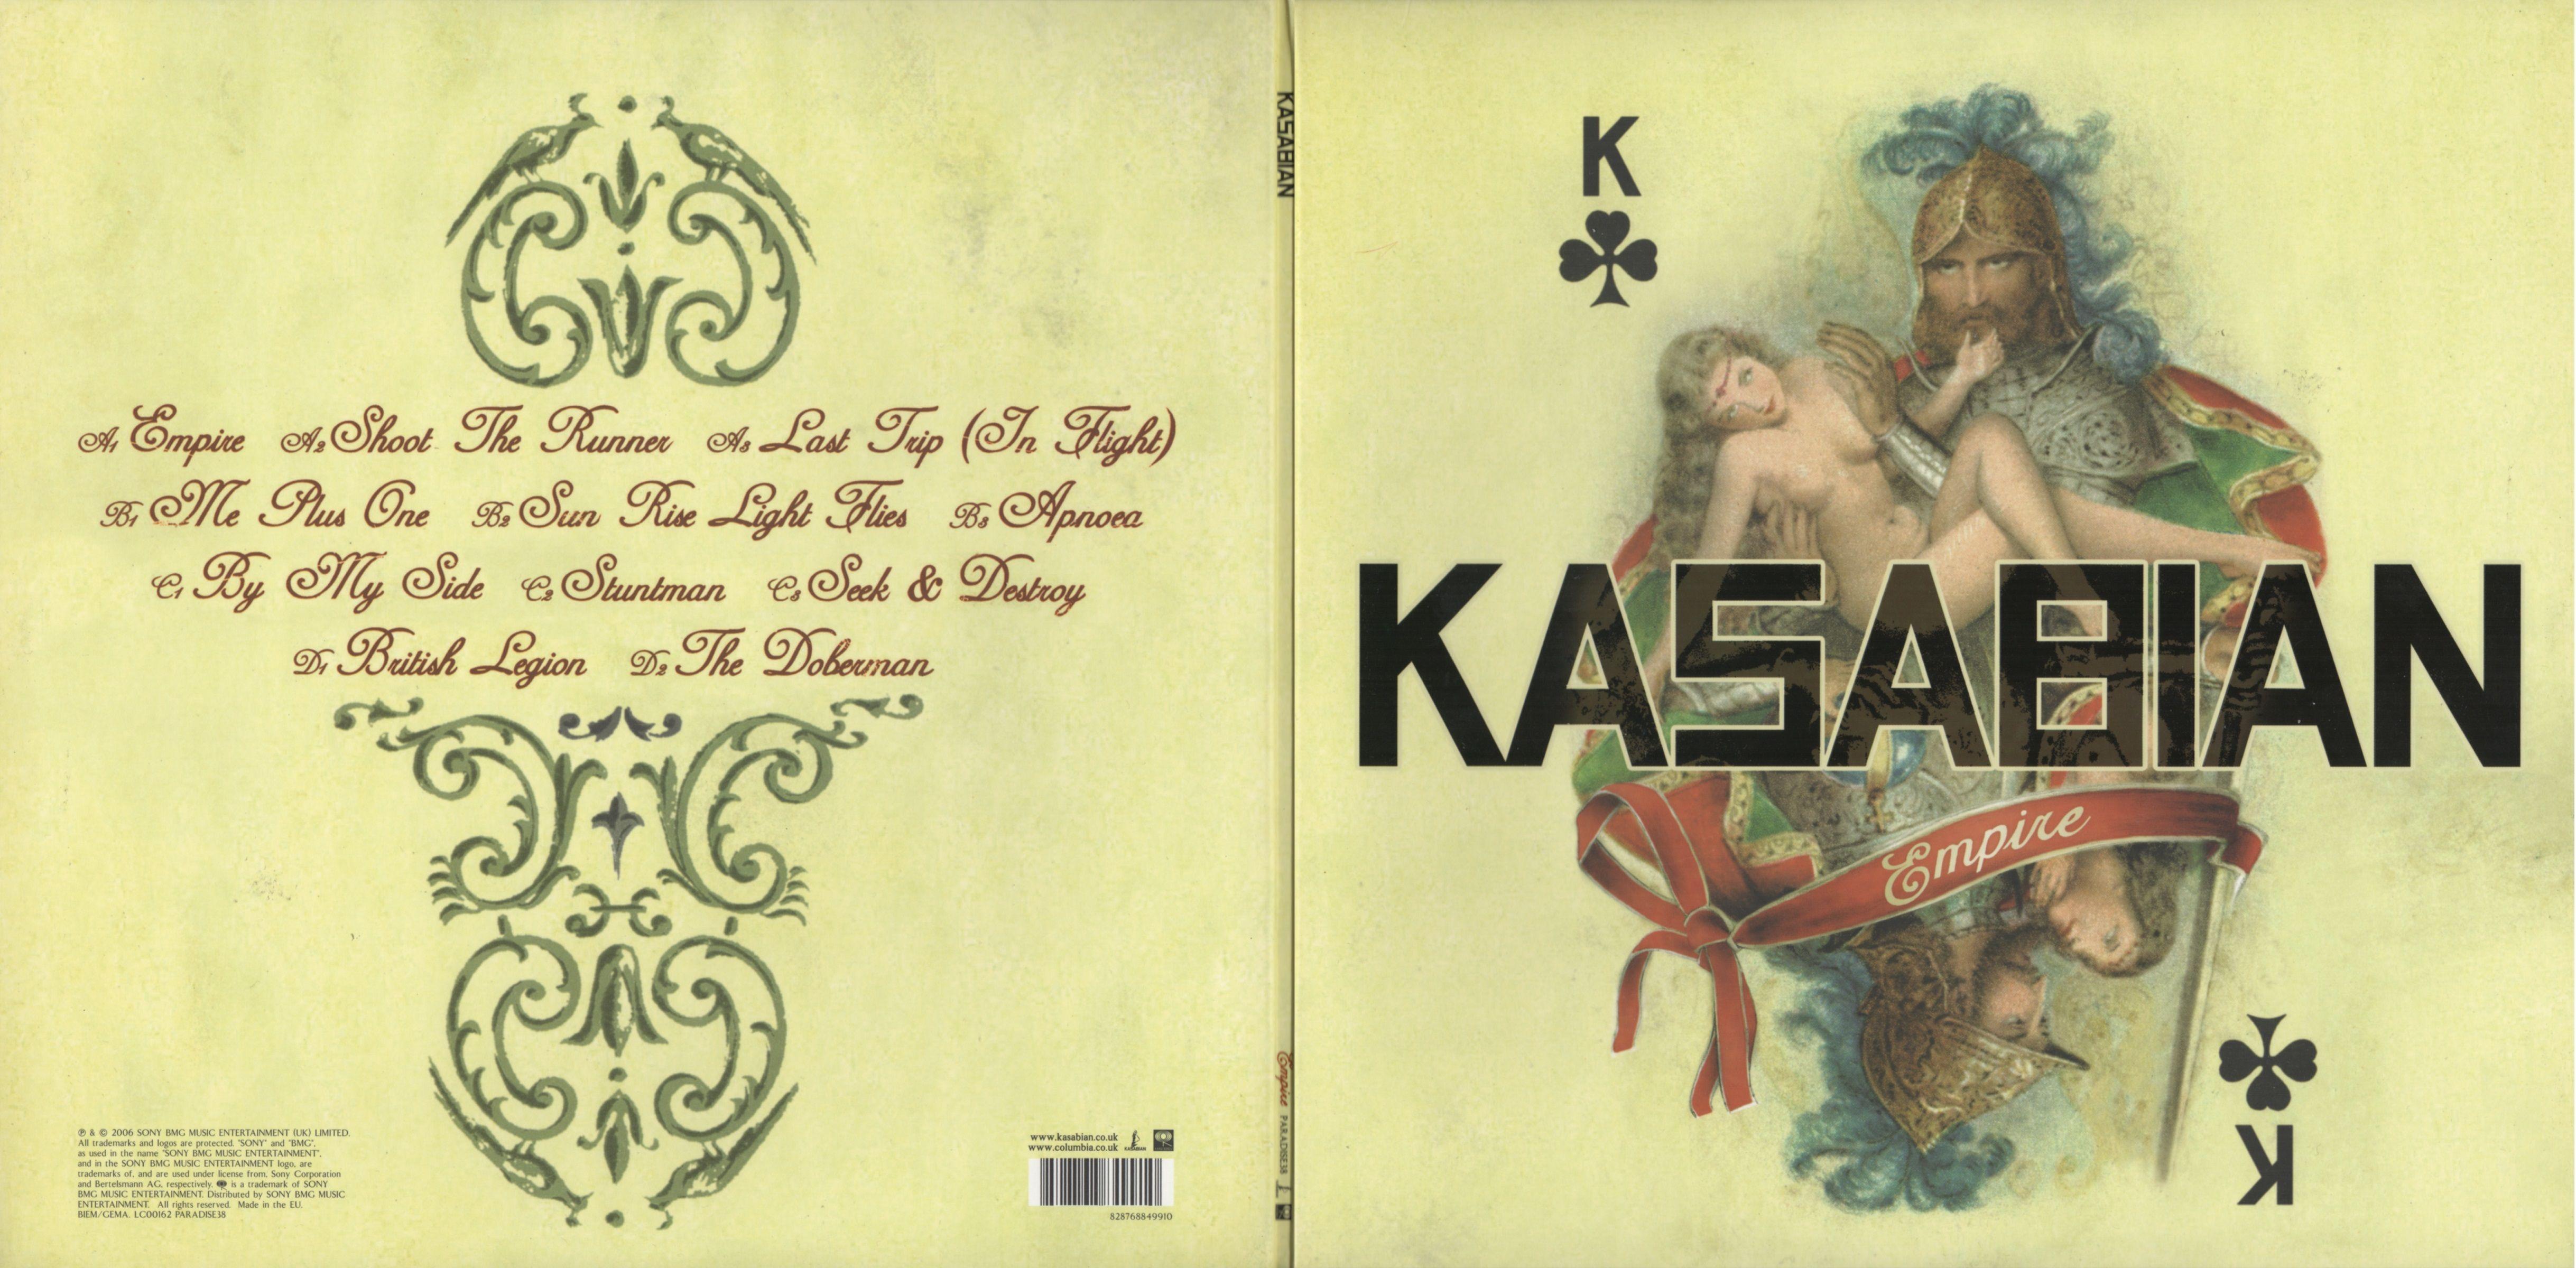 Kasabian - Empire album cover